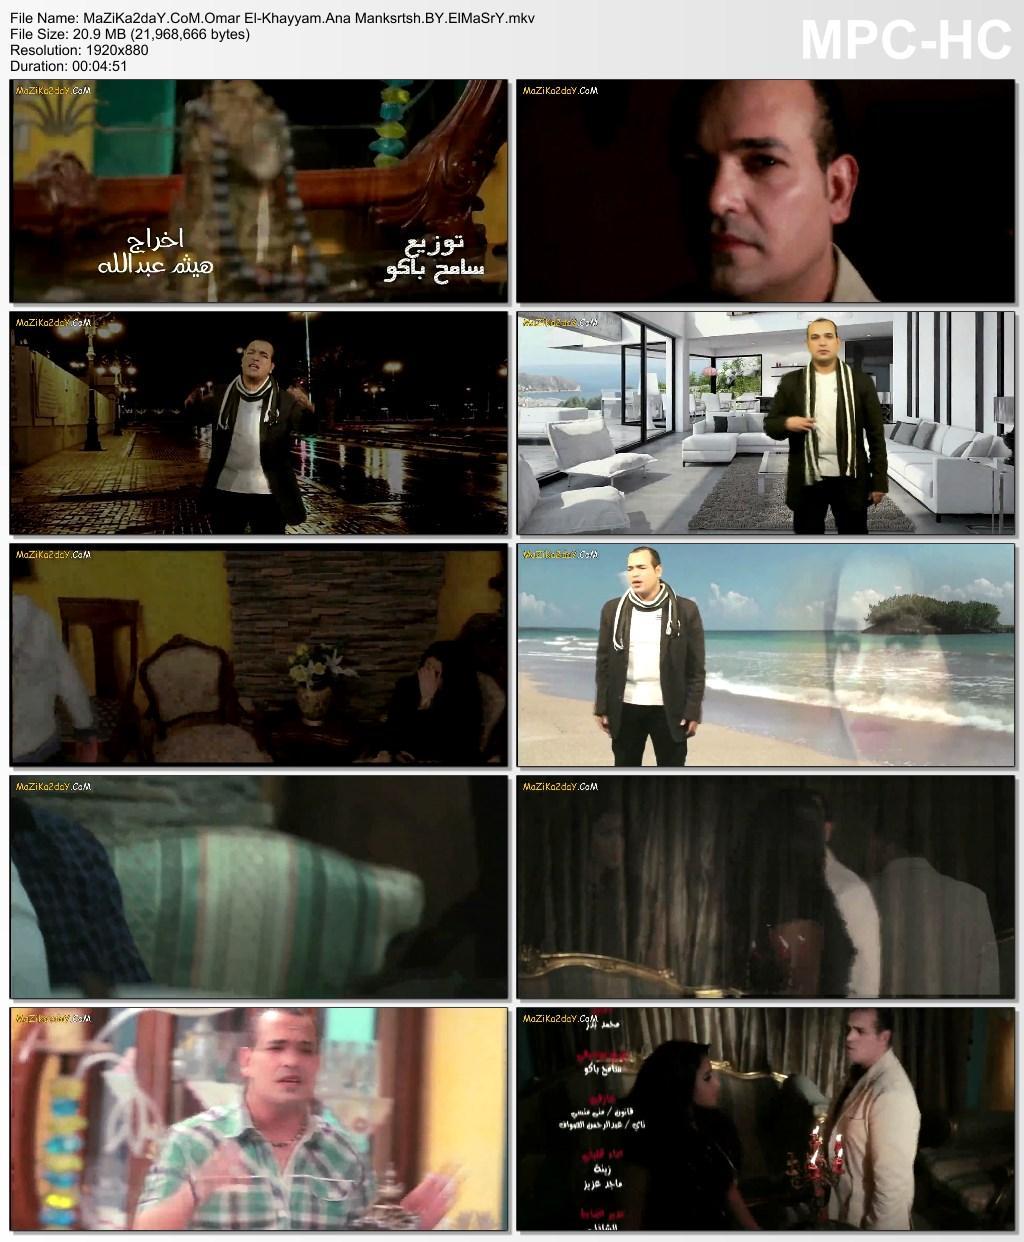 كليب عمر الخيام - انا منكسرتش نسخه 1080p HD + الاغنيه MP3 تحميل مباشر 688025261